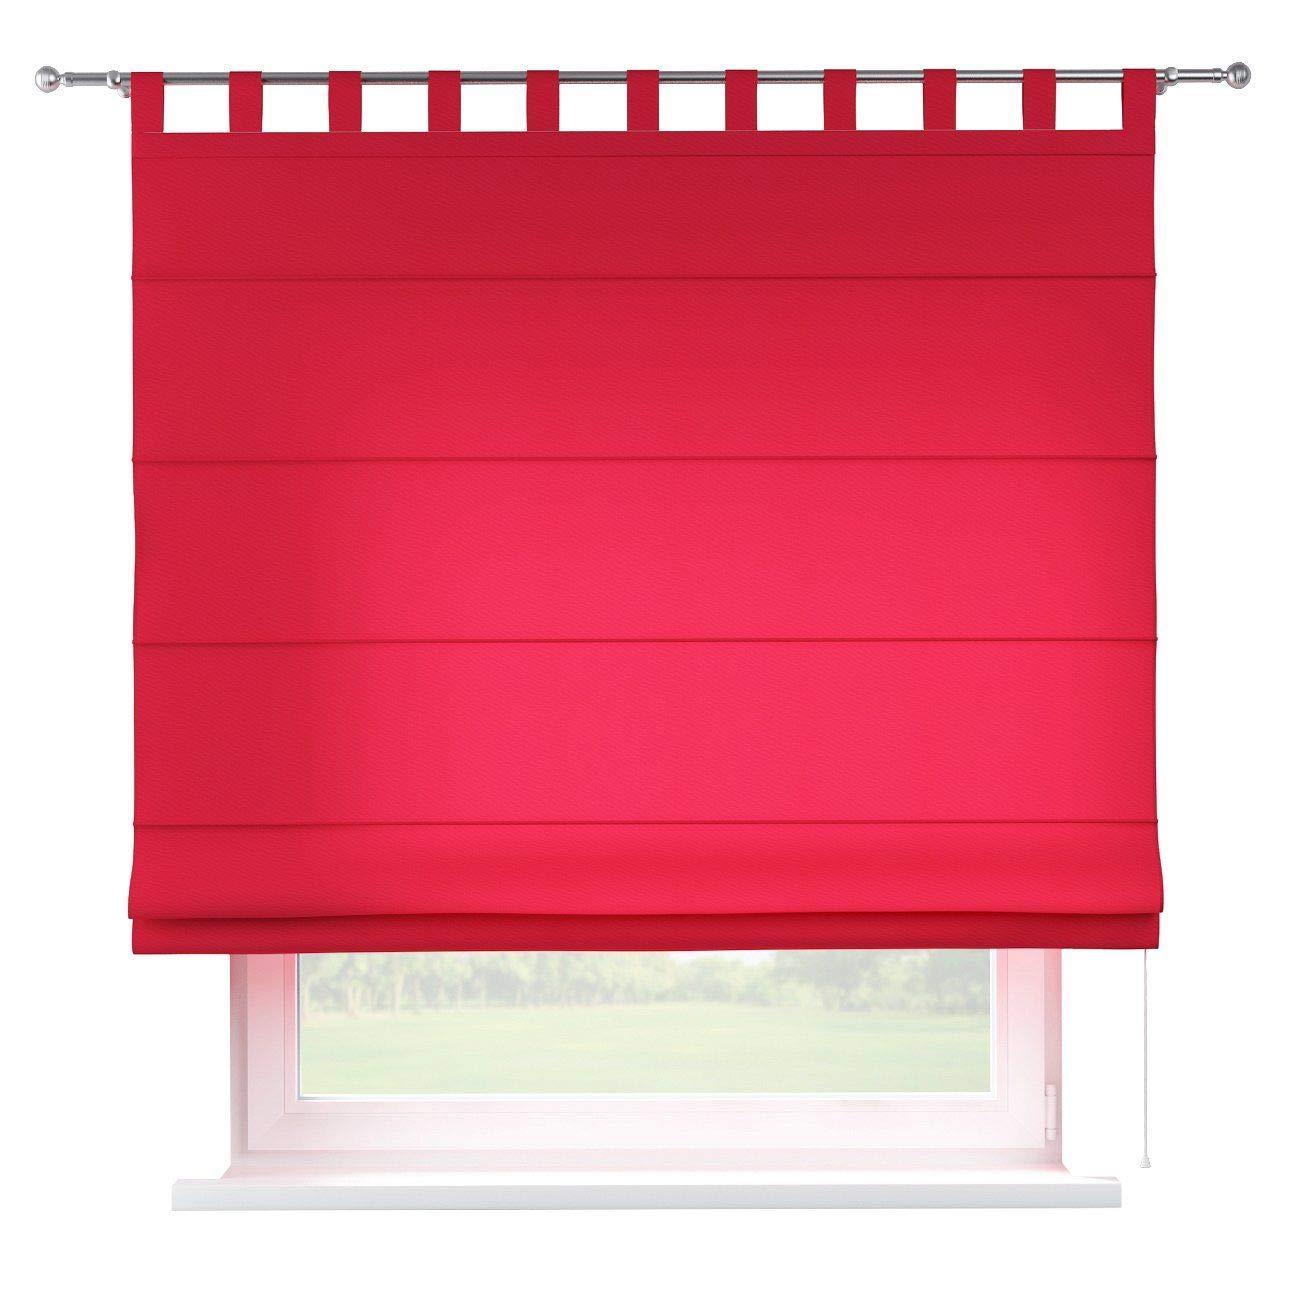 Dekoria Raffrollo Verona ohne Bohren Blickdicht Faltvorhang Raffgardine Wohnzimmer Schlafzimmer Kinderzimmer 160 × 170 cm rot Raffrollos auf Maß maßanfertigung möglich